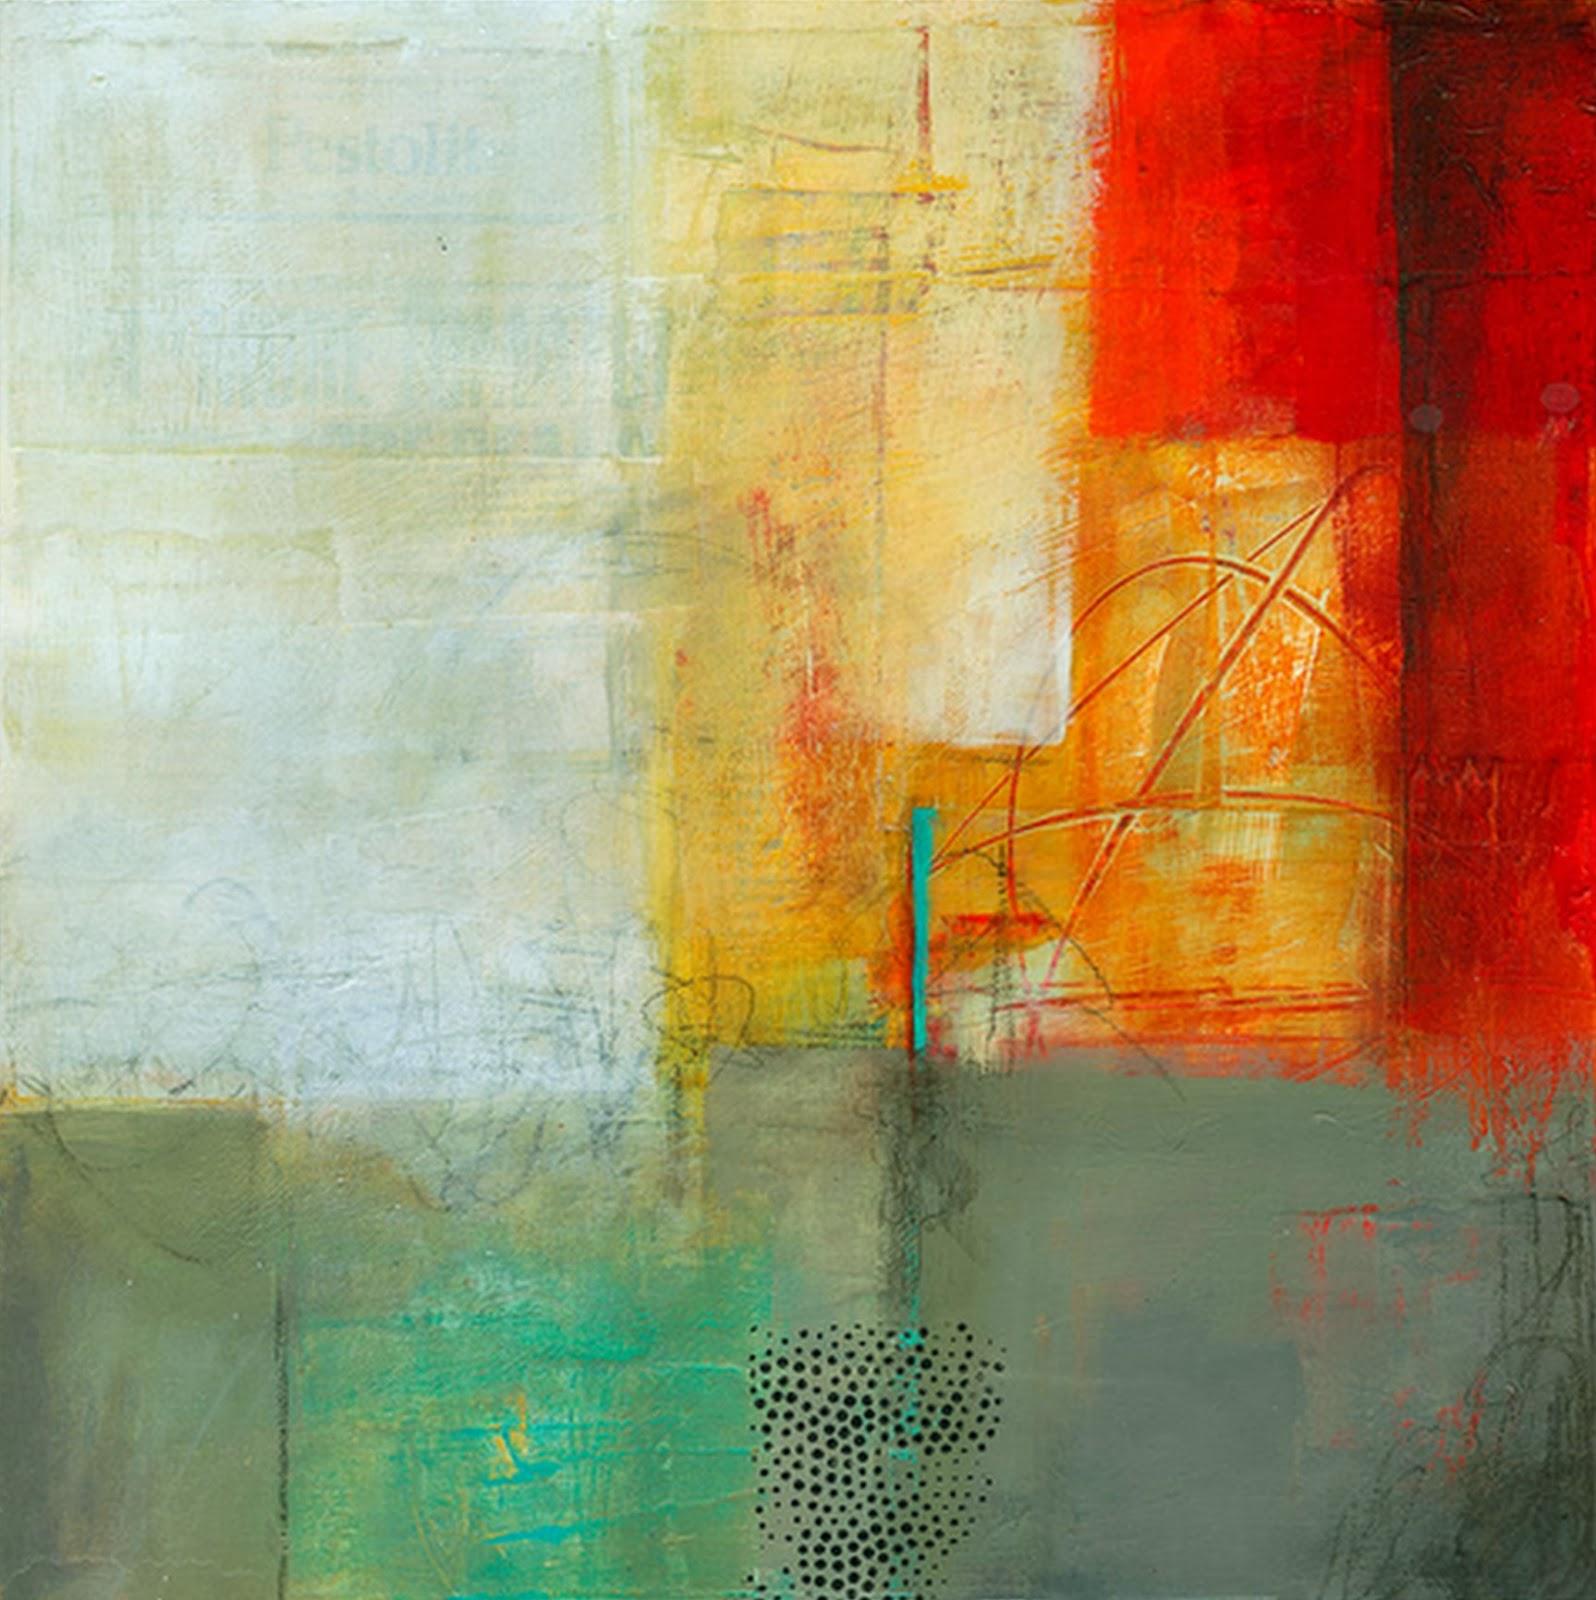 Cuadros modernos pinturas y dibujos abstractos modernos - Fotos cuadros modernos ...